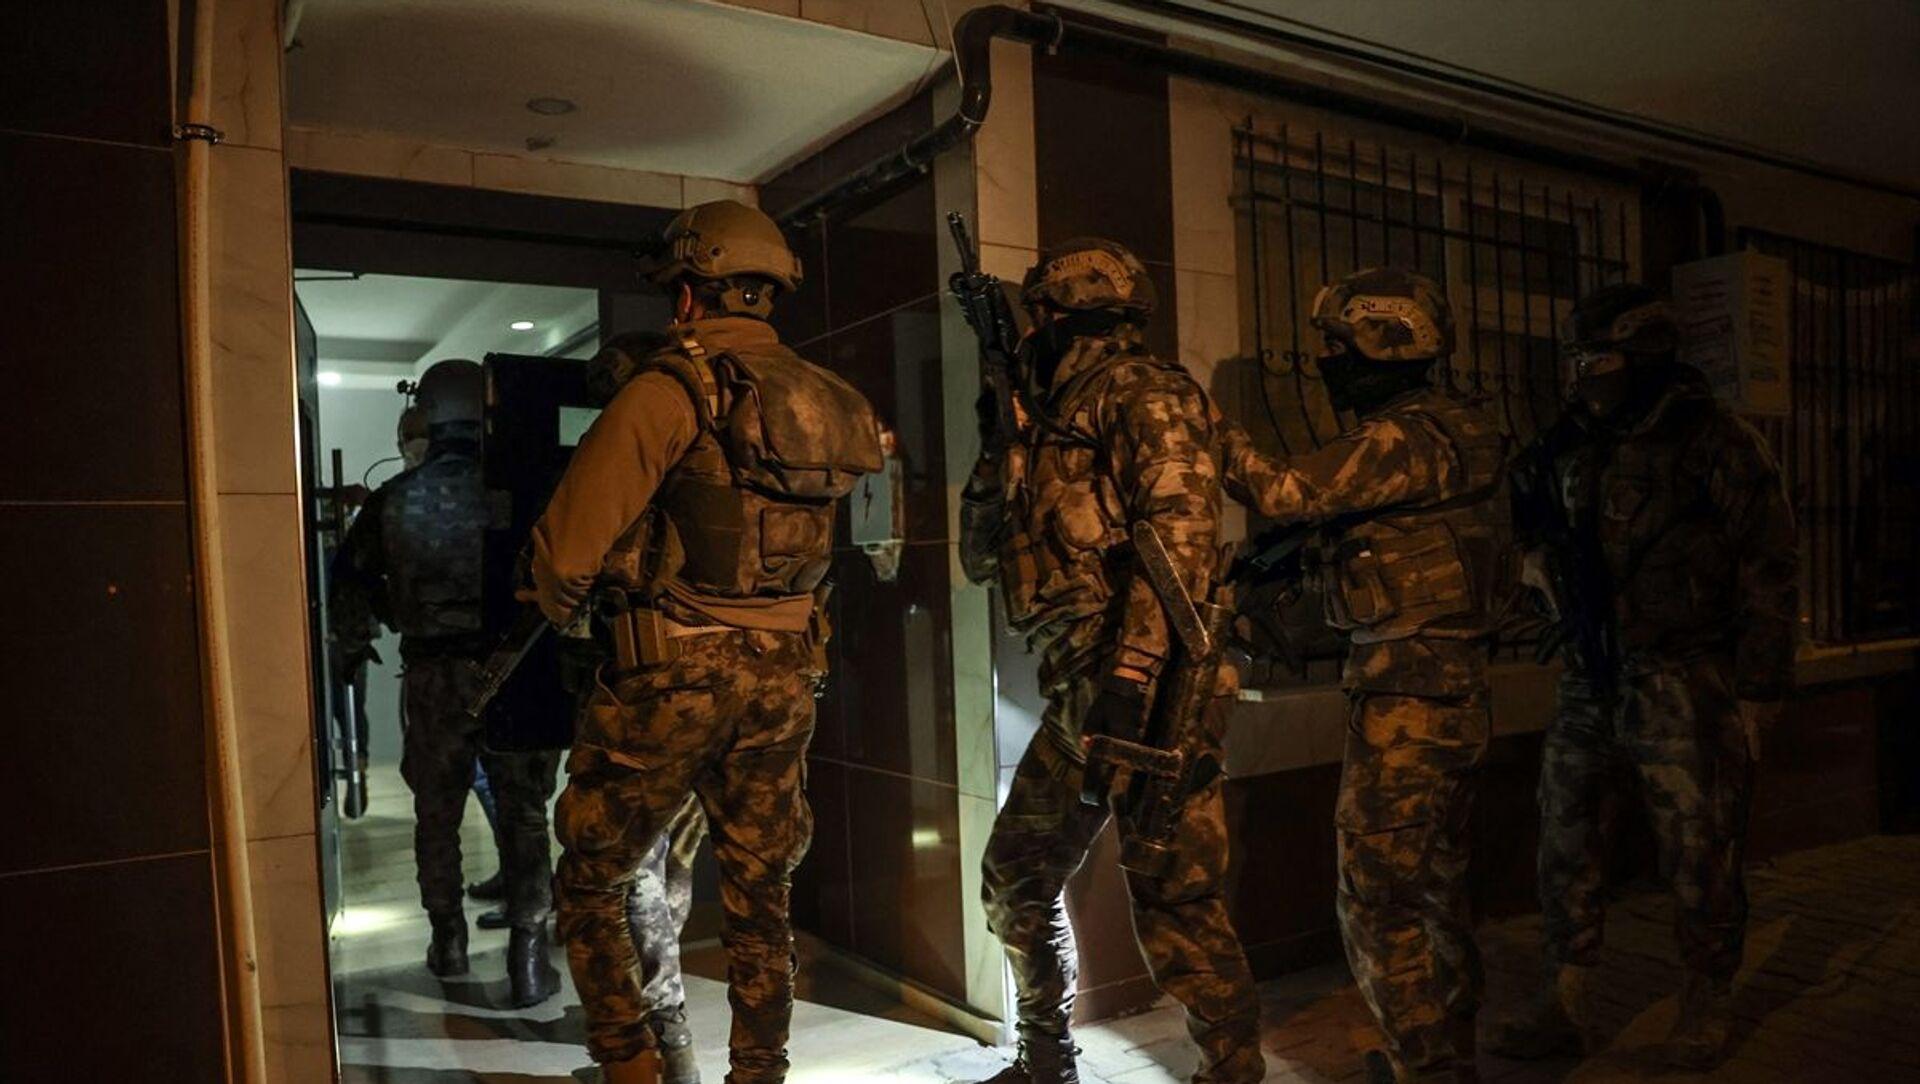 İstanbul'da IŞİD'e yönelik 10 ilçede düzenlenen eş zamanlı operasyonda, 16'sı yabancı uyruklu 18 şüpheli gözaltına alındı. - Sputnik Türkiye, 1920, 20.04.2021